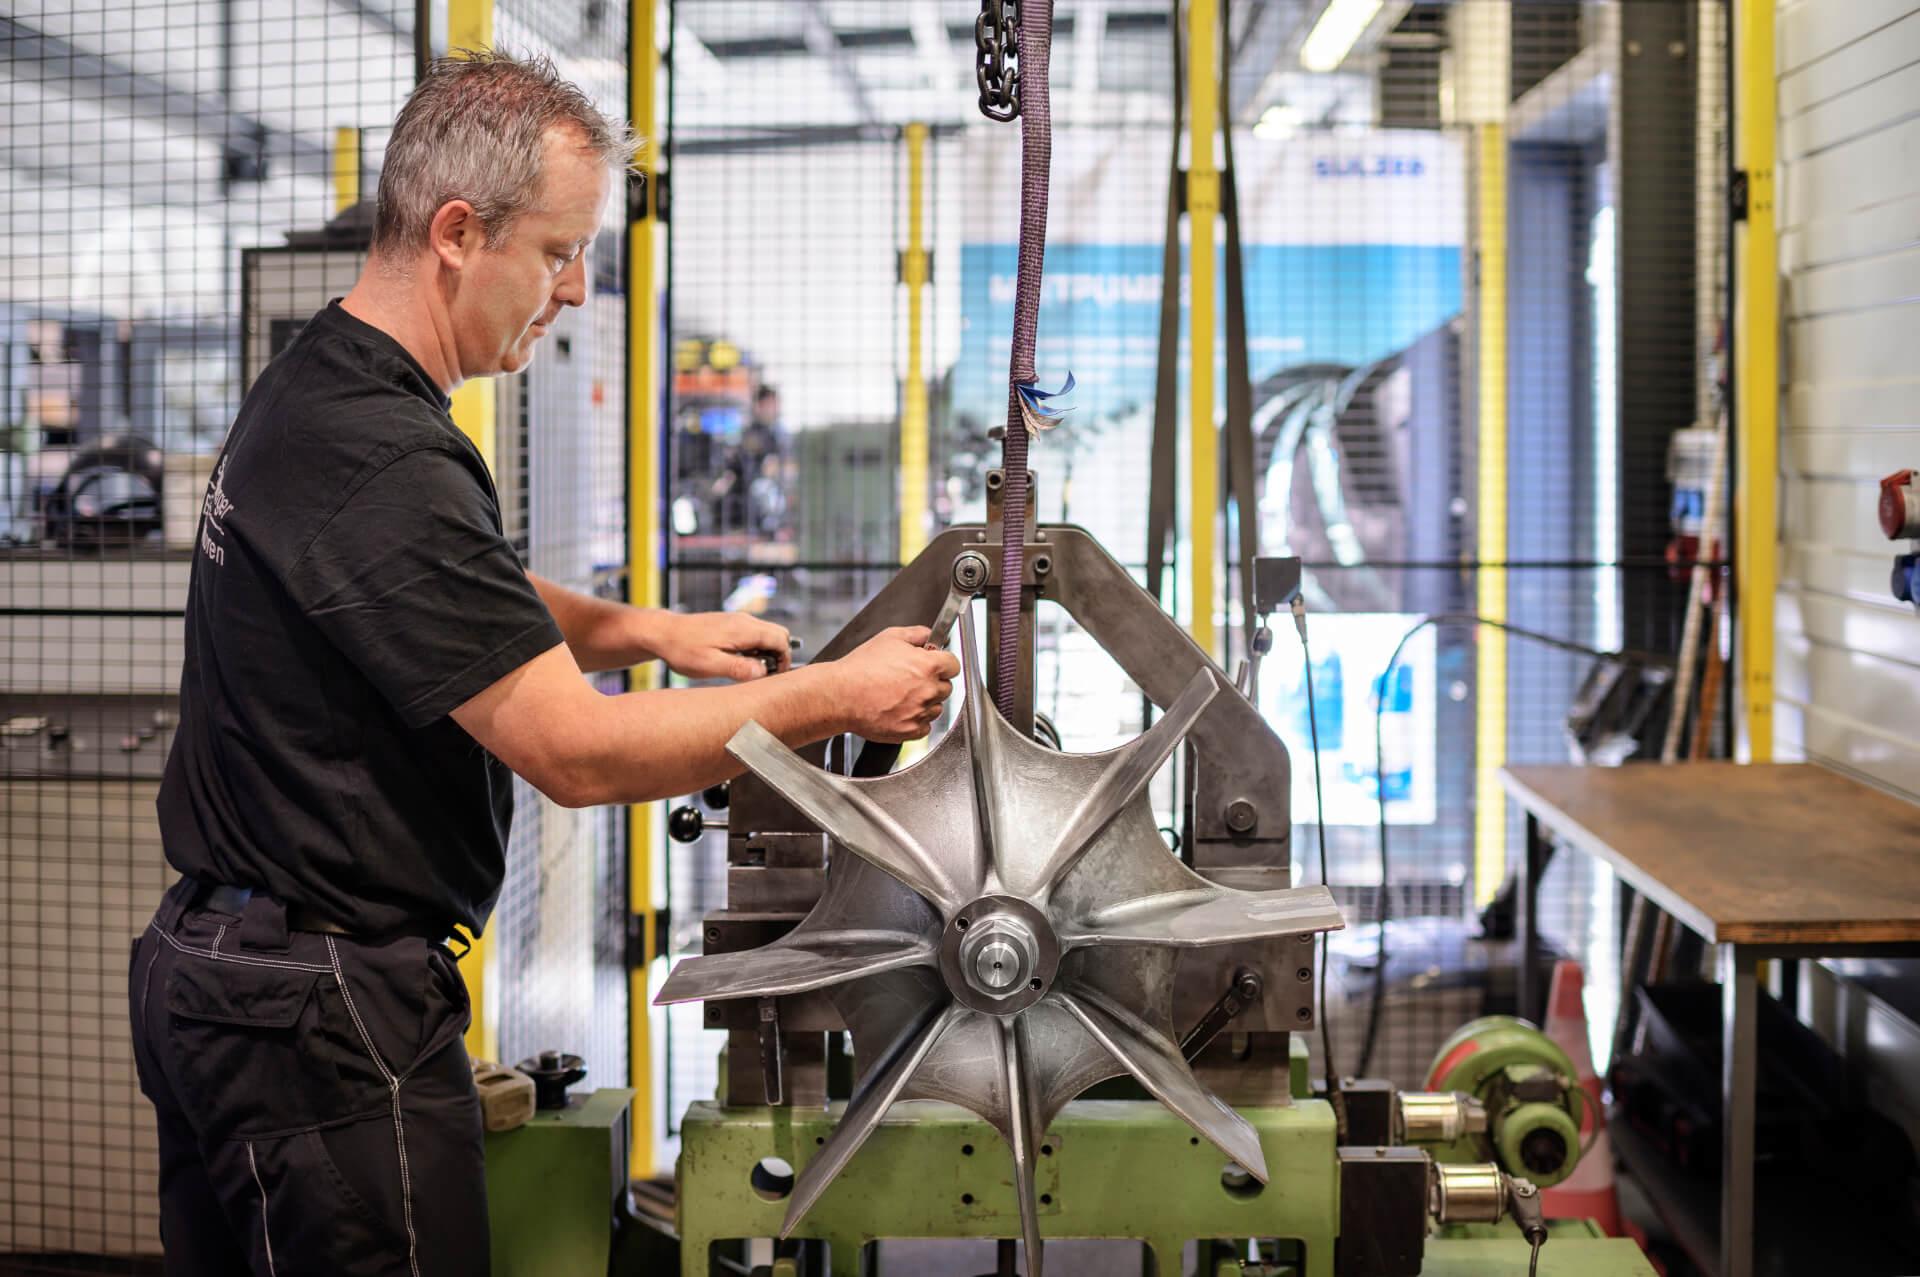 Schlumpberger - Auswuchten von Elektromotoren in der Werkstatt